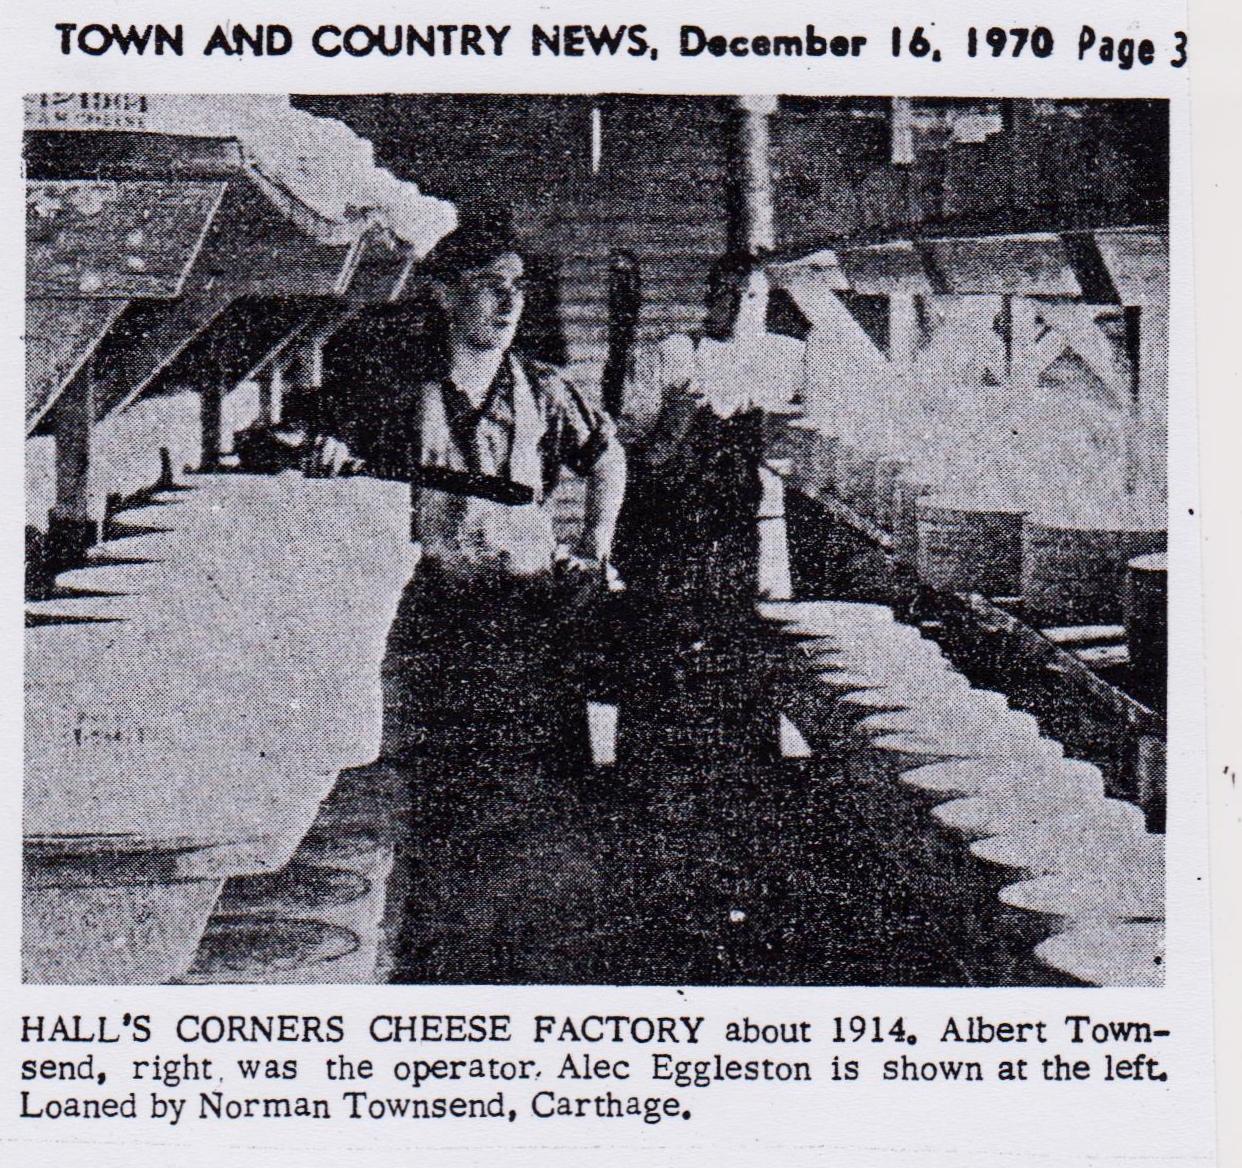 Albert Ernest Townsend